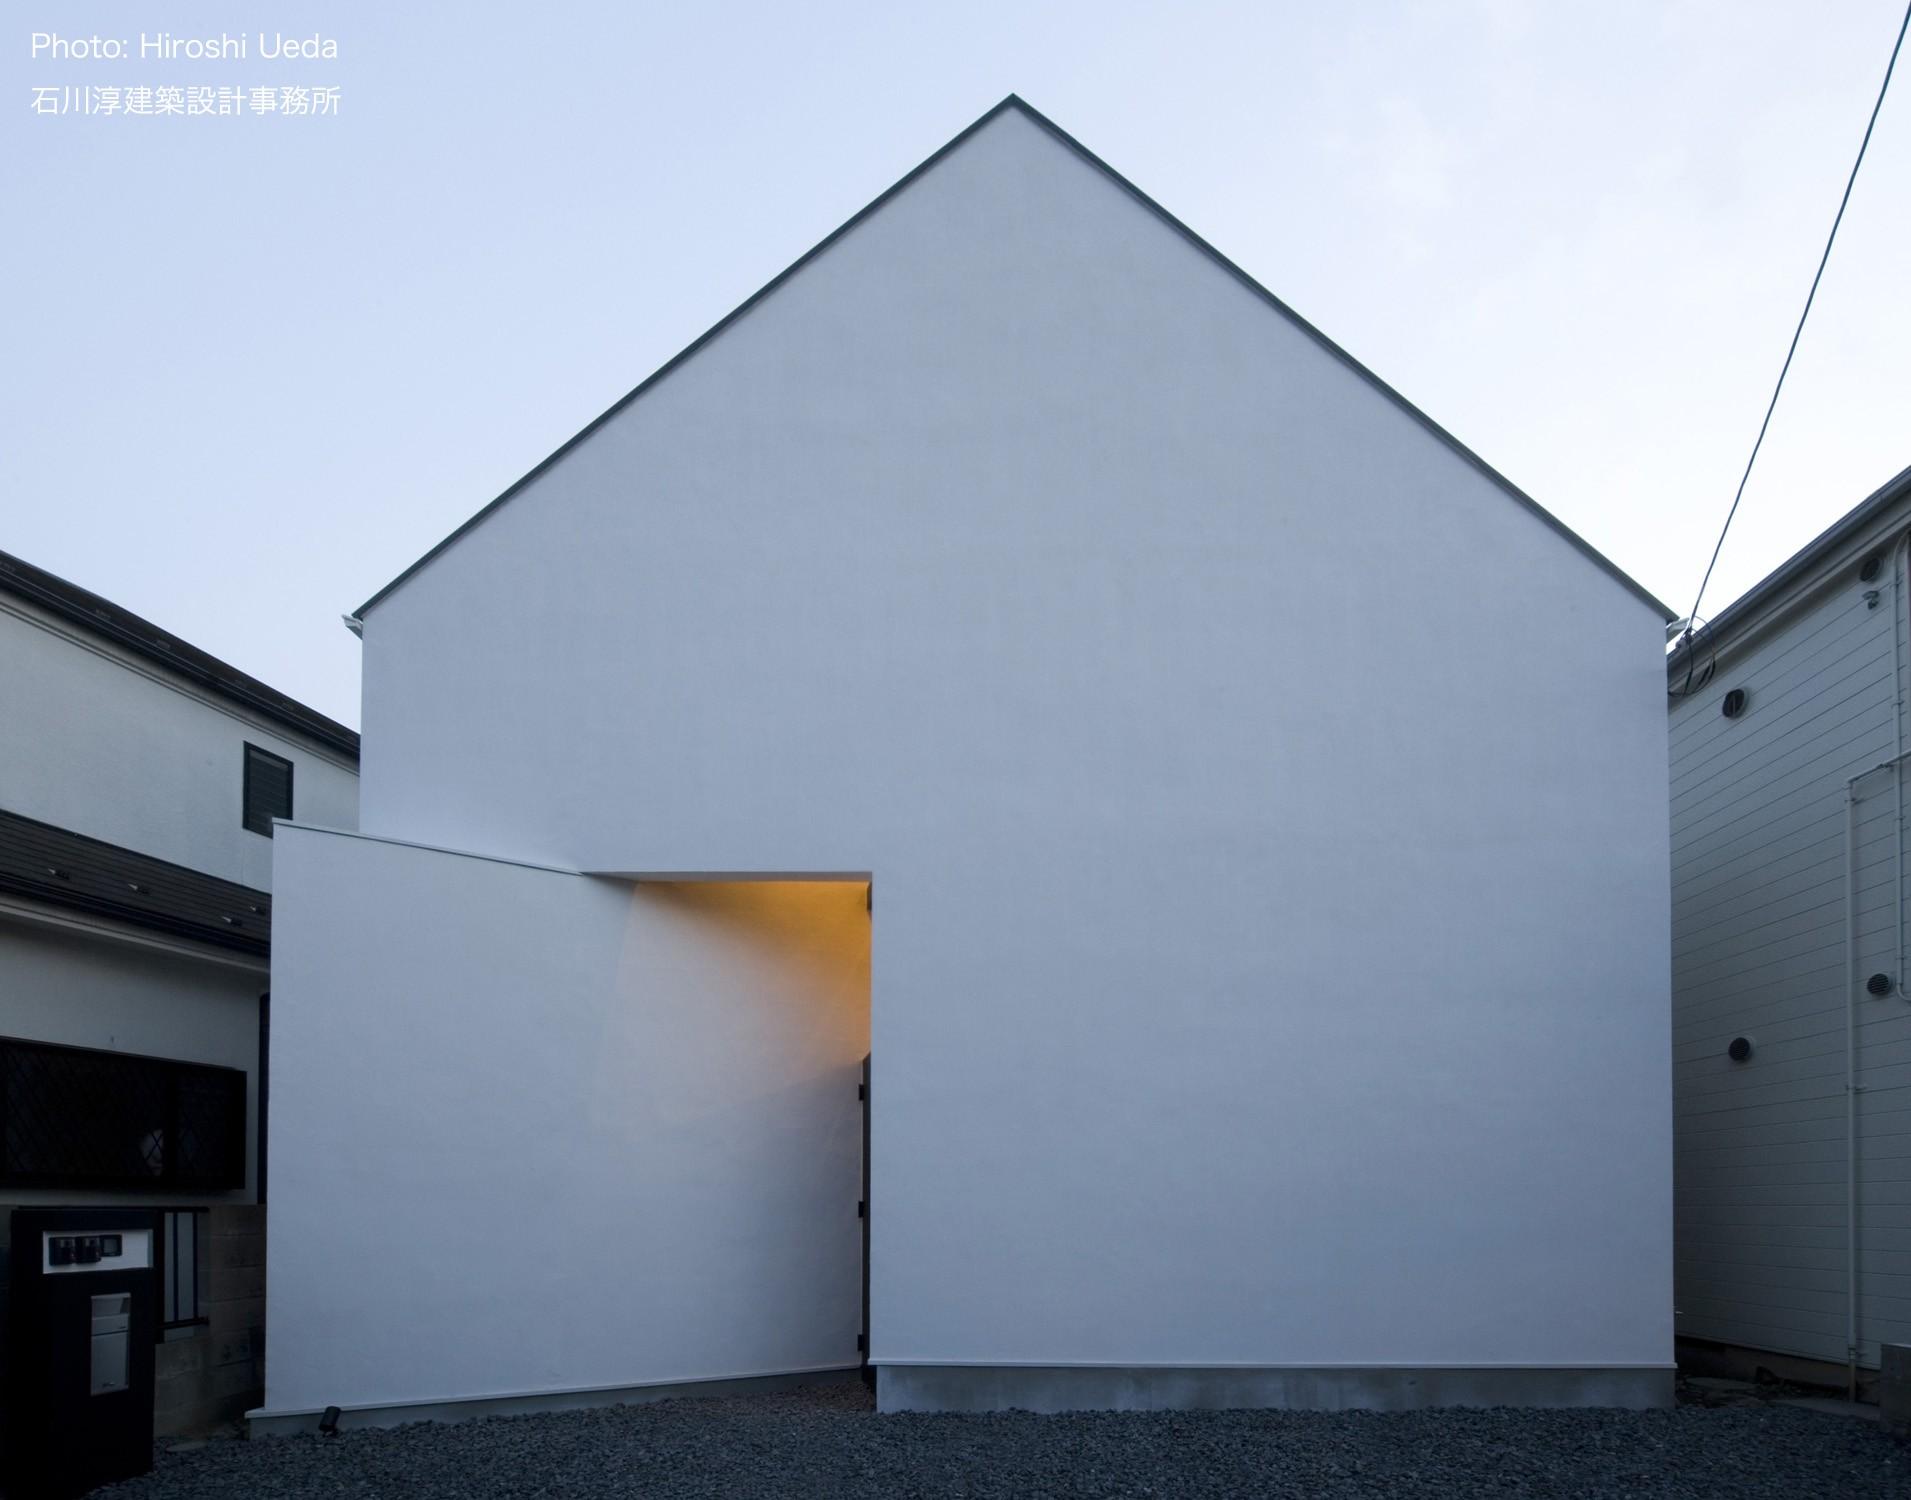 外観事例:狭小二世帯住宅 ミニマルデザインの家OUCHI-01 夜景(デザイン住宅外観いろいろ)